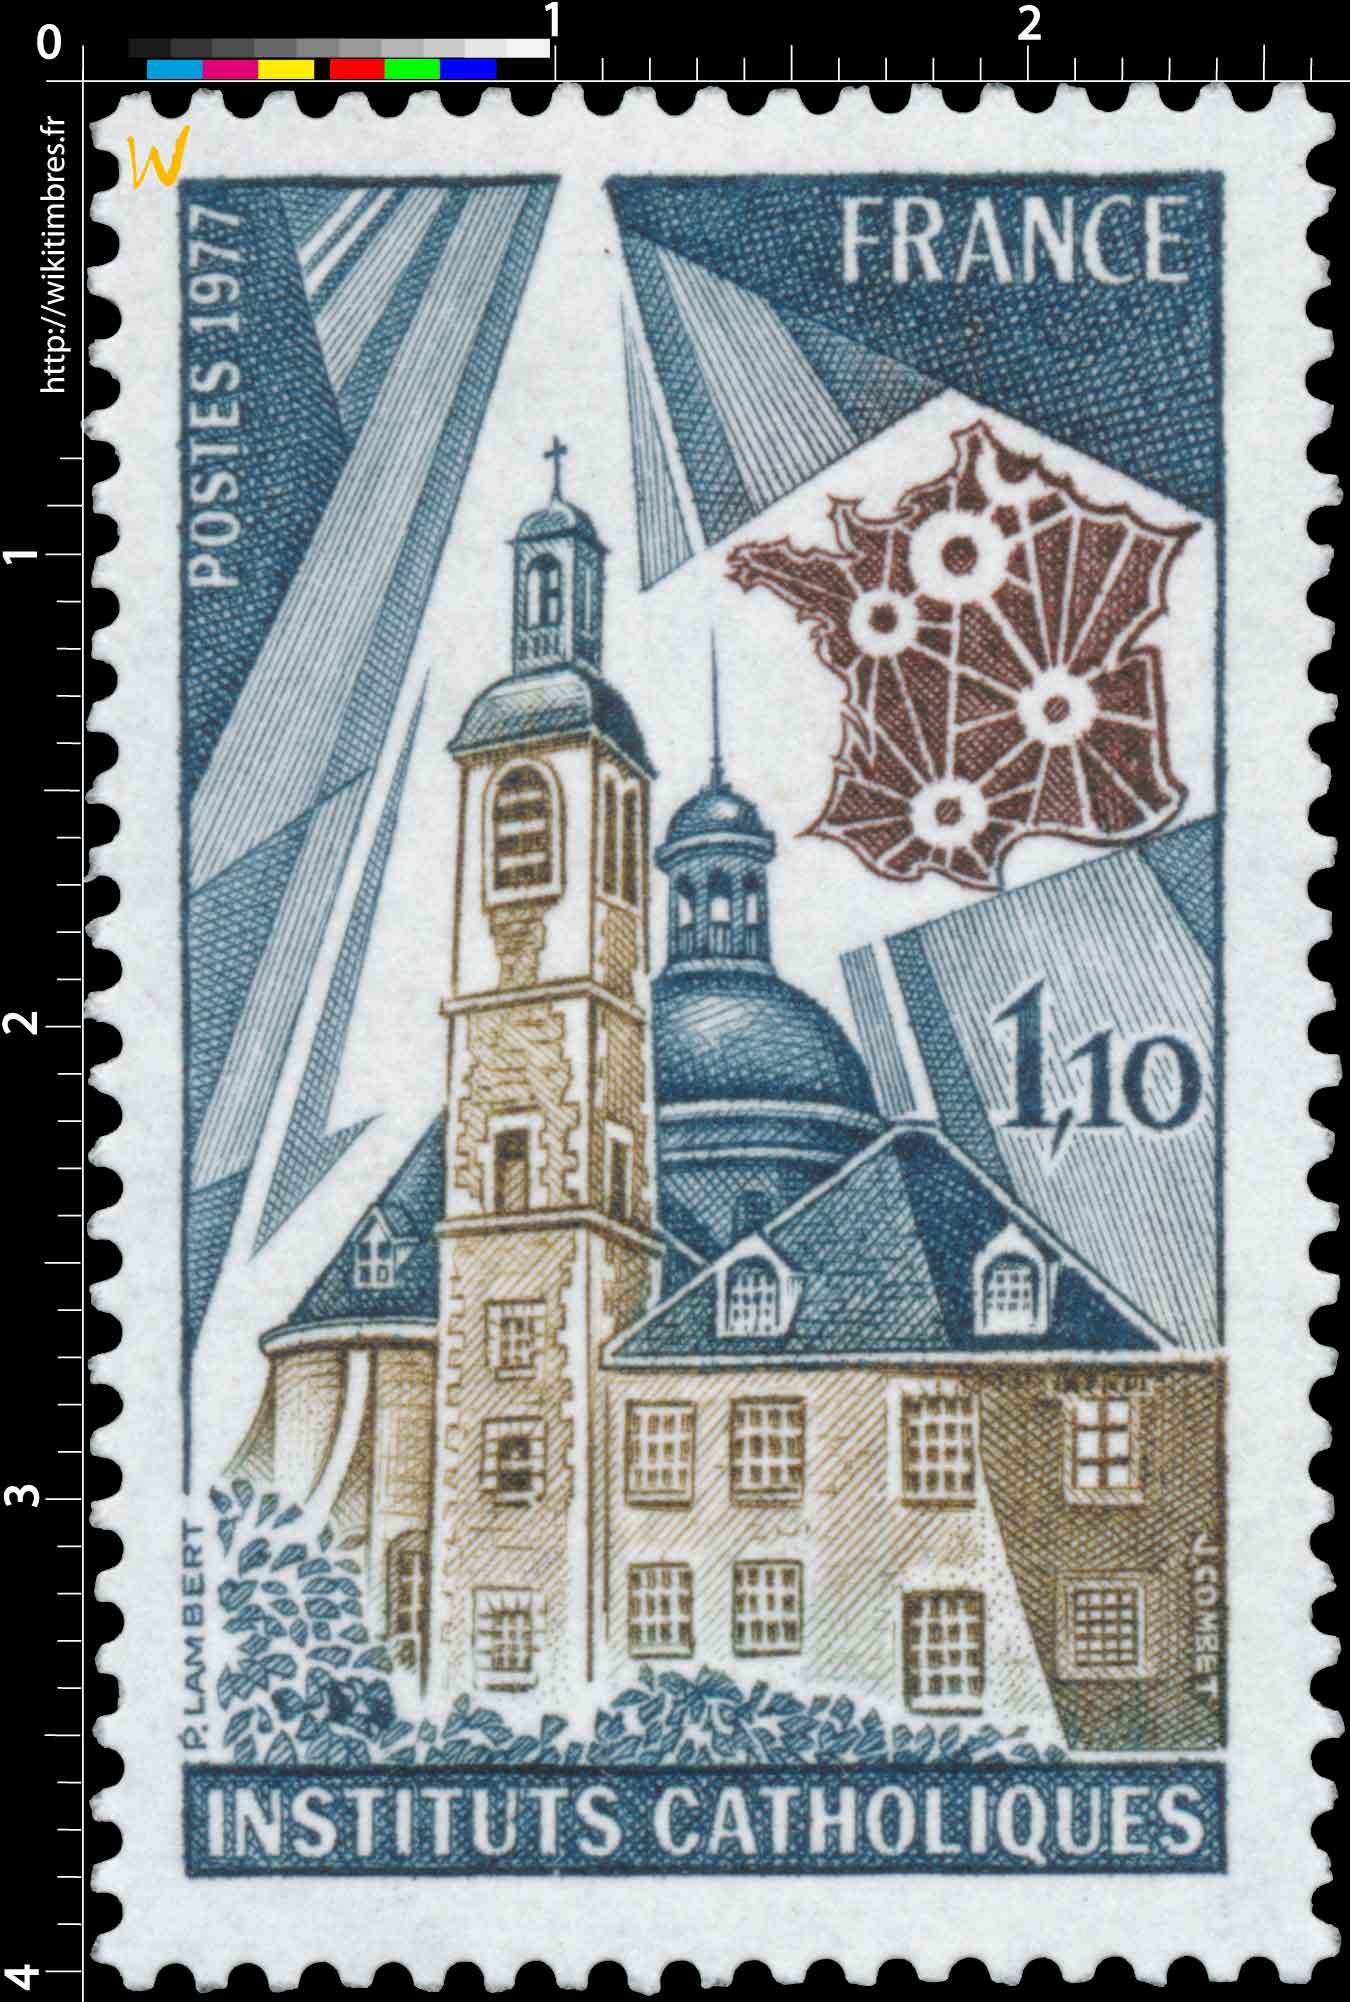 1977 INSTITUTS CATHOLIQUES